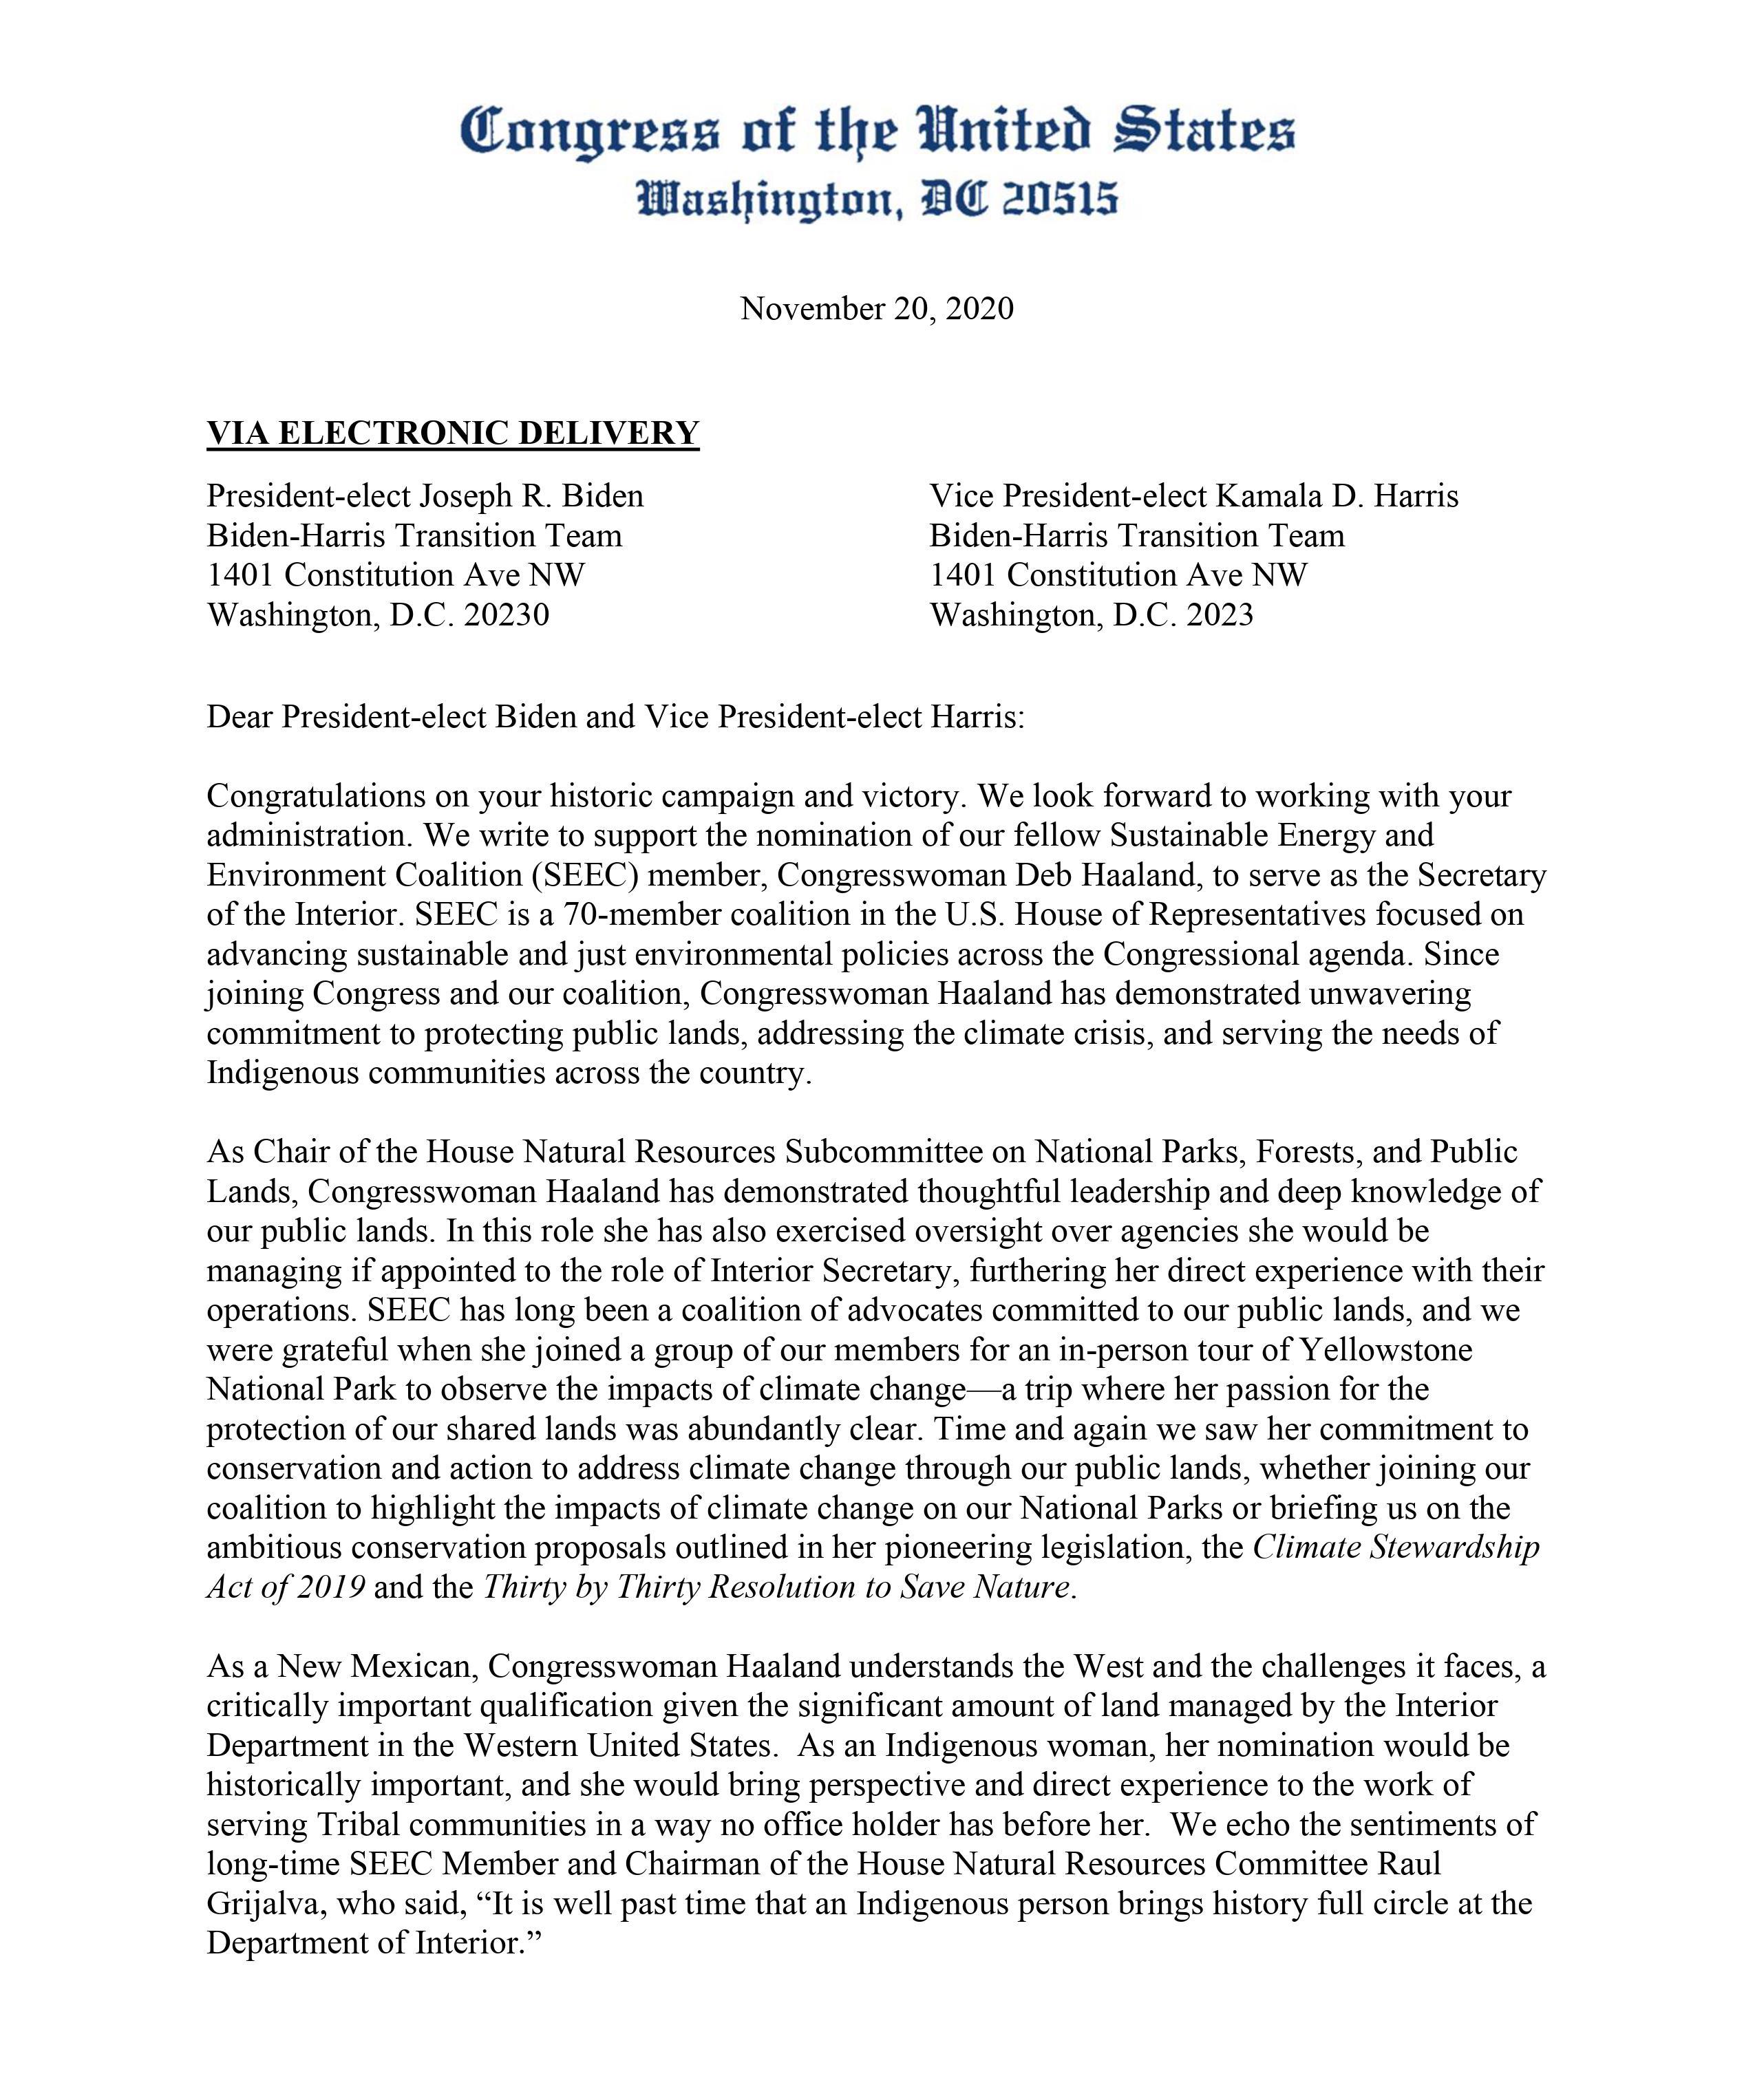 Letter to President-elect Biden.